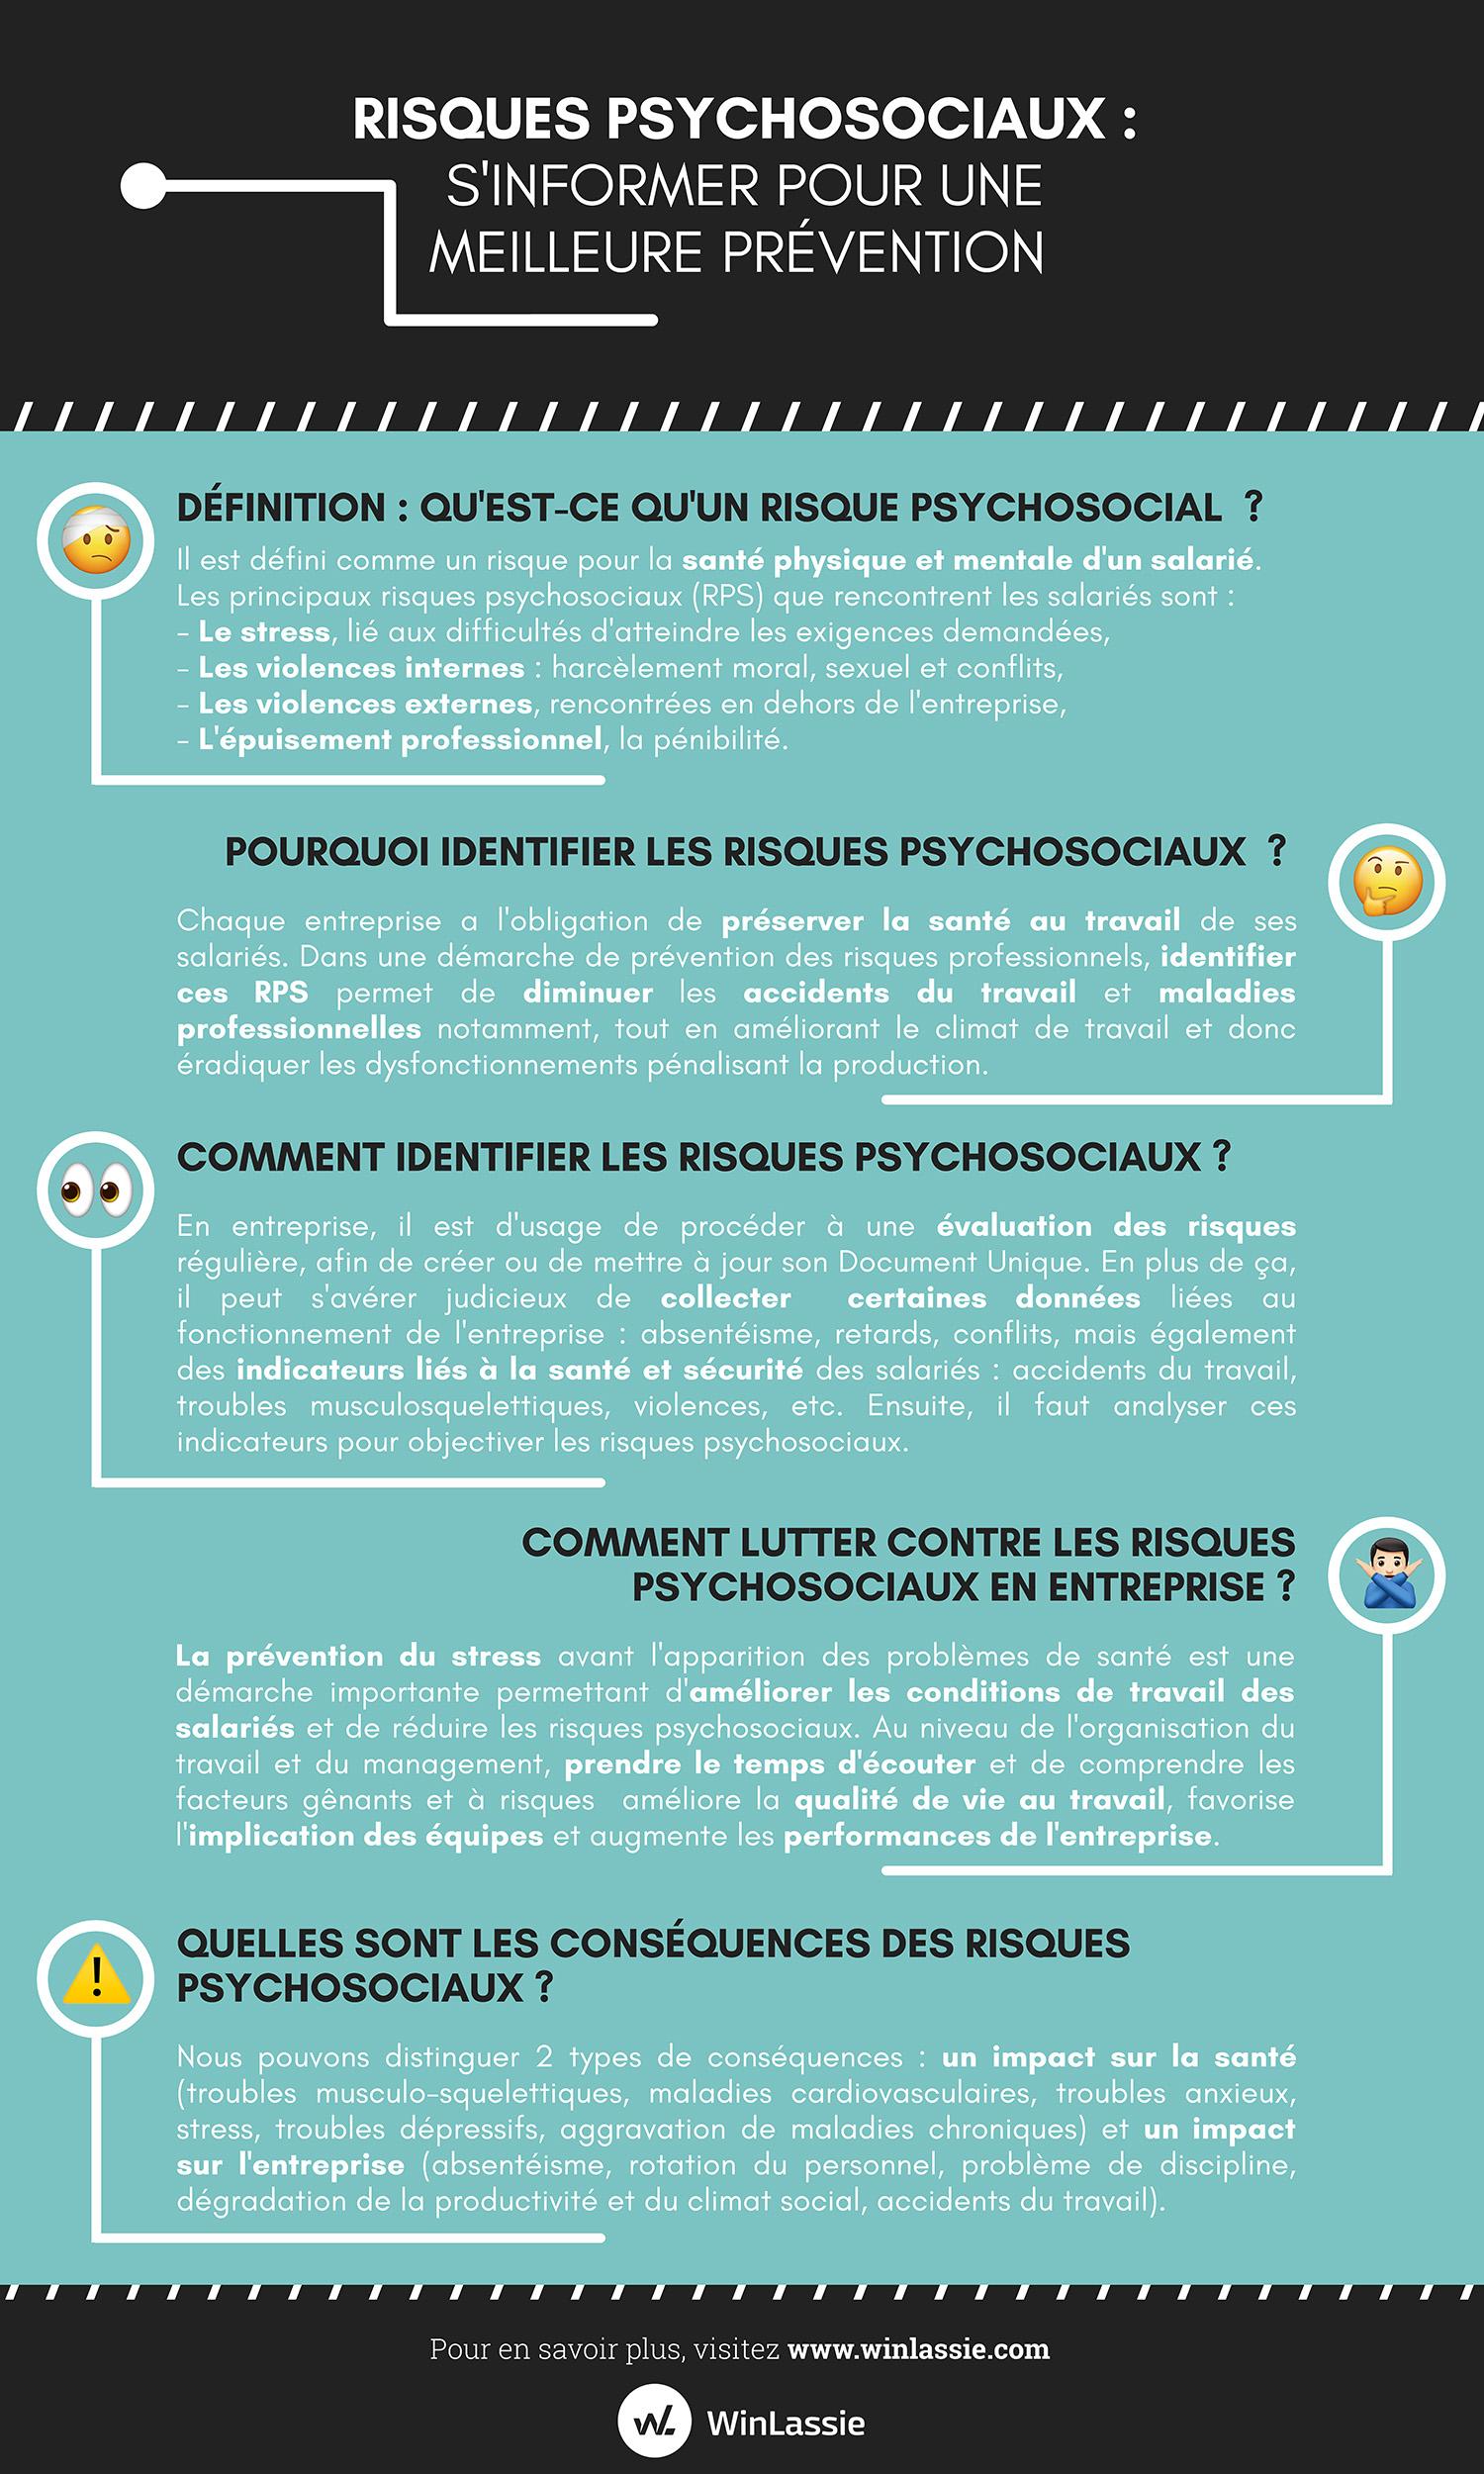 Infographie Risques Psychosociaux